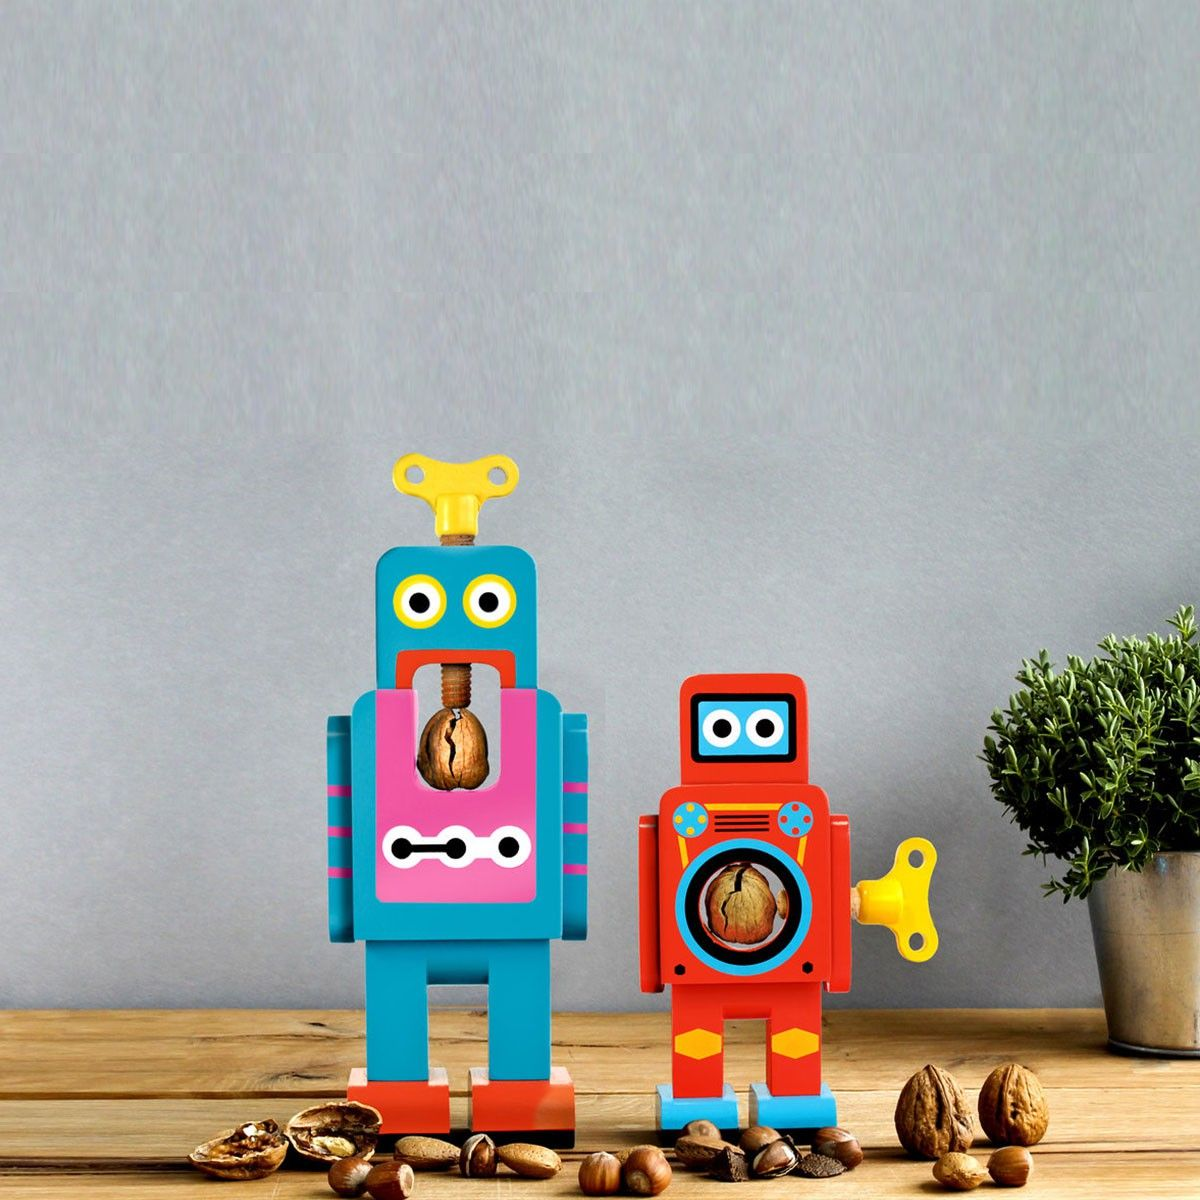 Robot - le casse-noisette - Cadeaux sur IdéeCadeau.fr